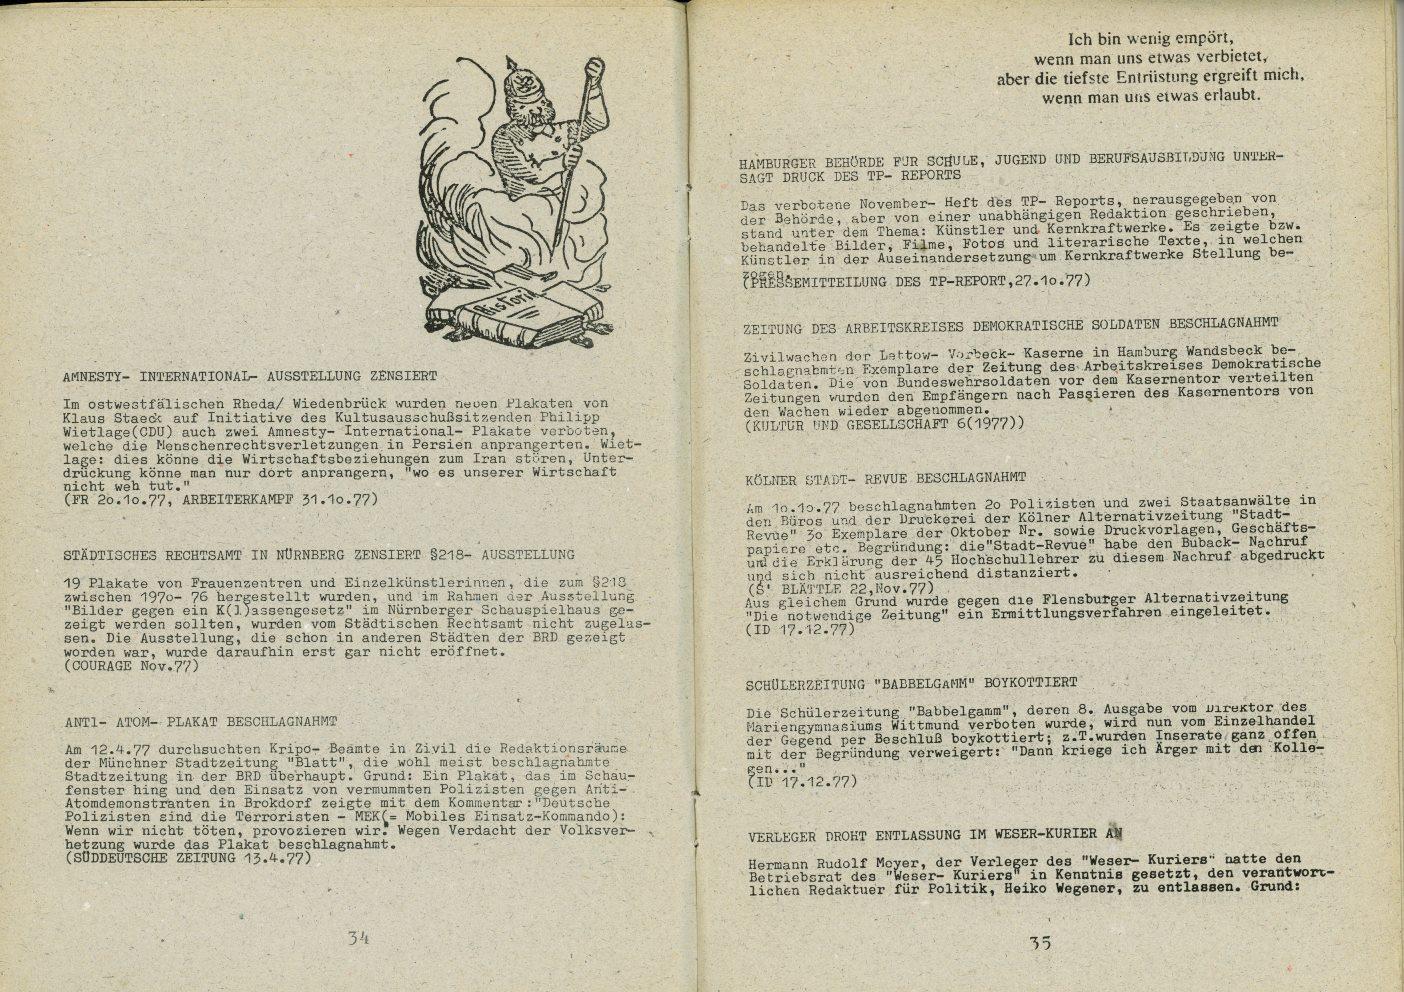 Stuttgart_AGRT_Menschenrechtsverletzungen_Leseheft_1978_19